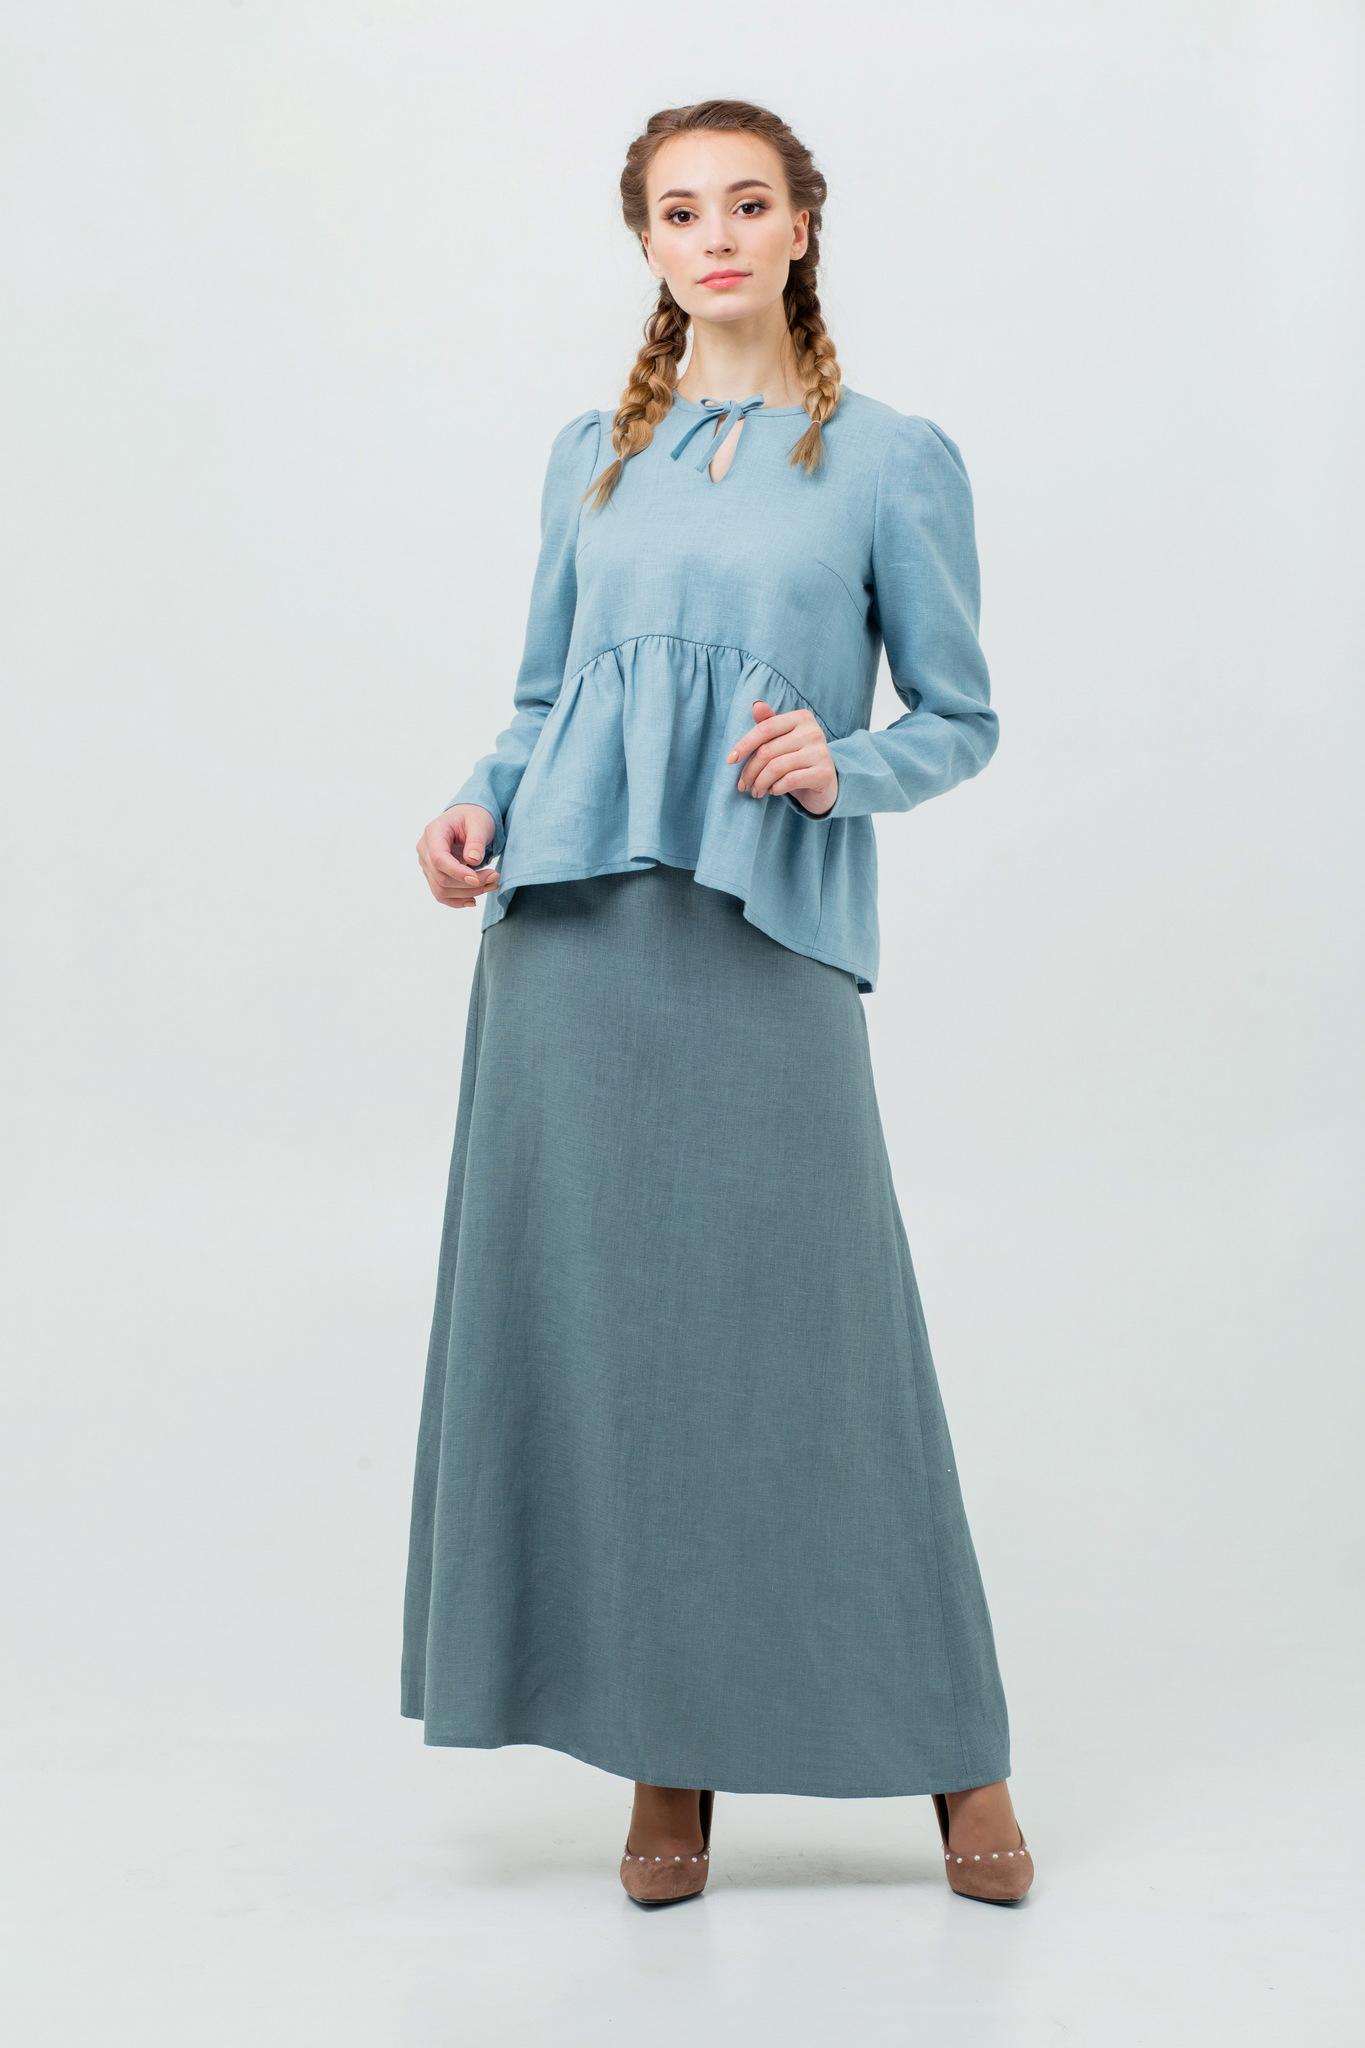 Льняная юбка Шалфей